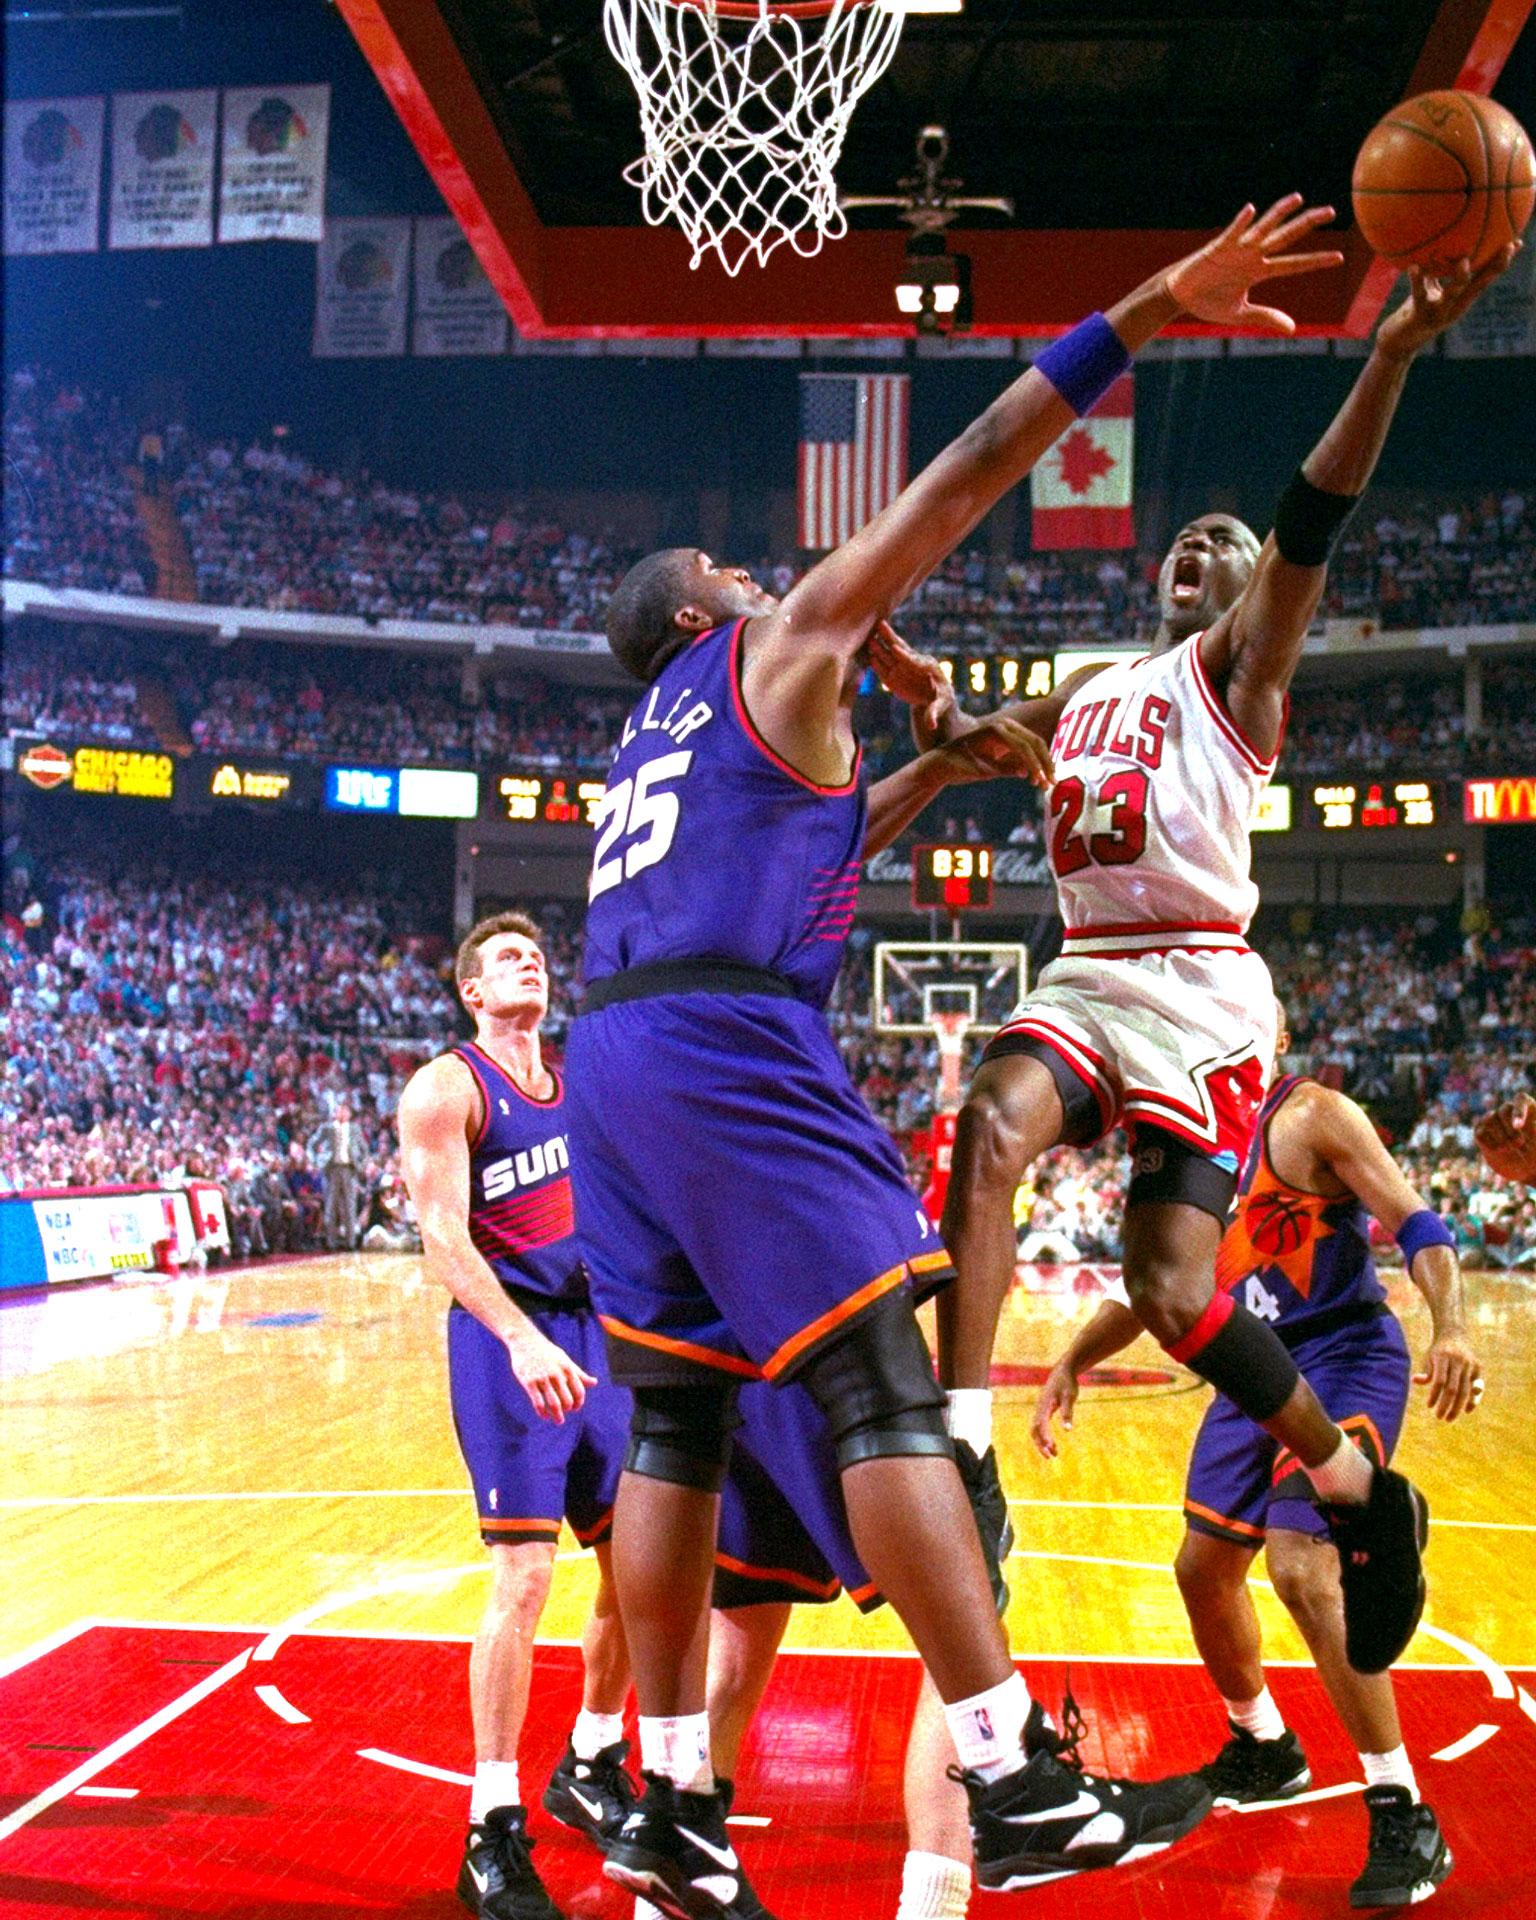 Nba: Michael Jordan 50 Greatest